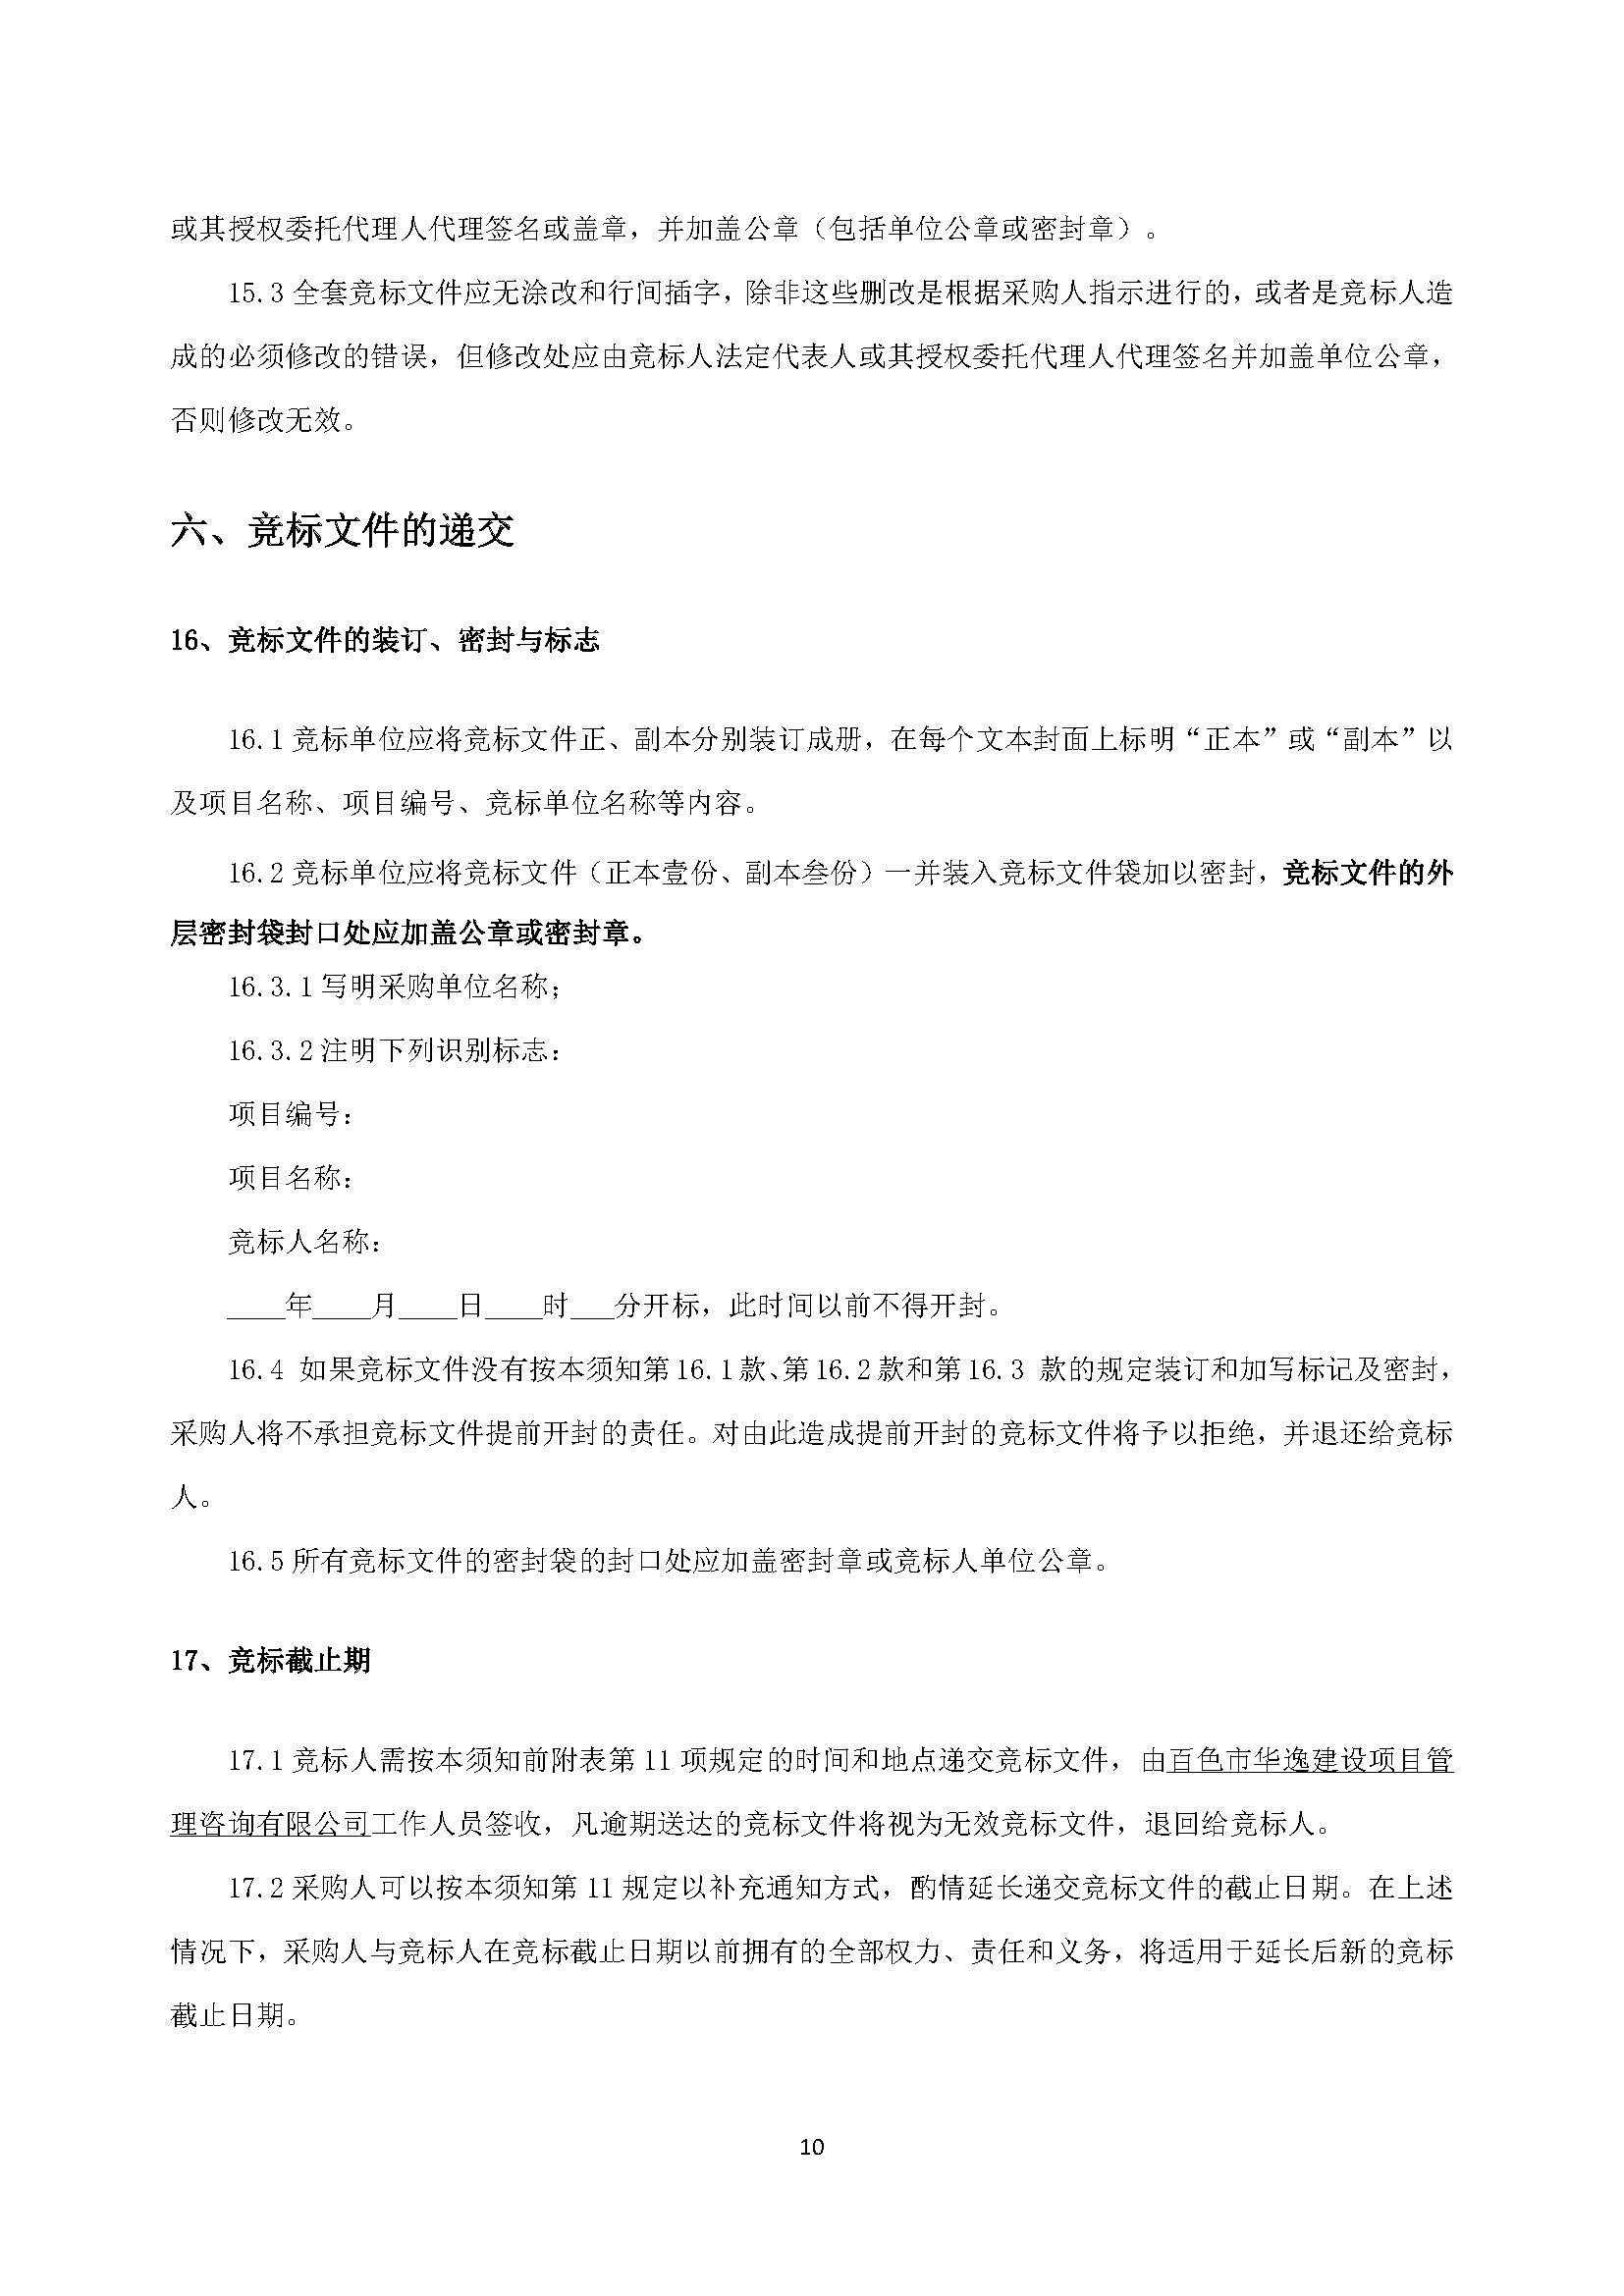 (确定)安徽快三基本走势图市政环卫园林绿化企业一体化面积测绘服务采购 竞争性谈判采购文件20200610(2)_页面_14.jpg